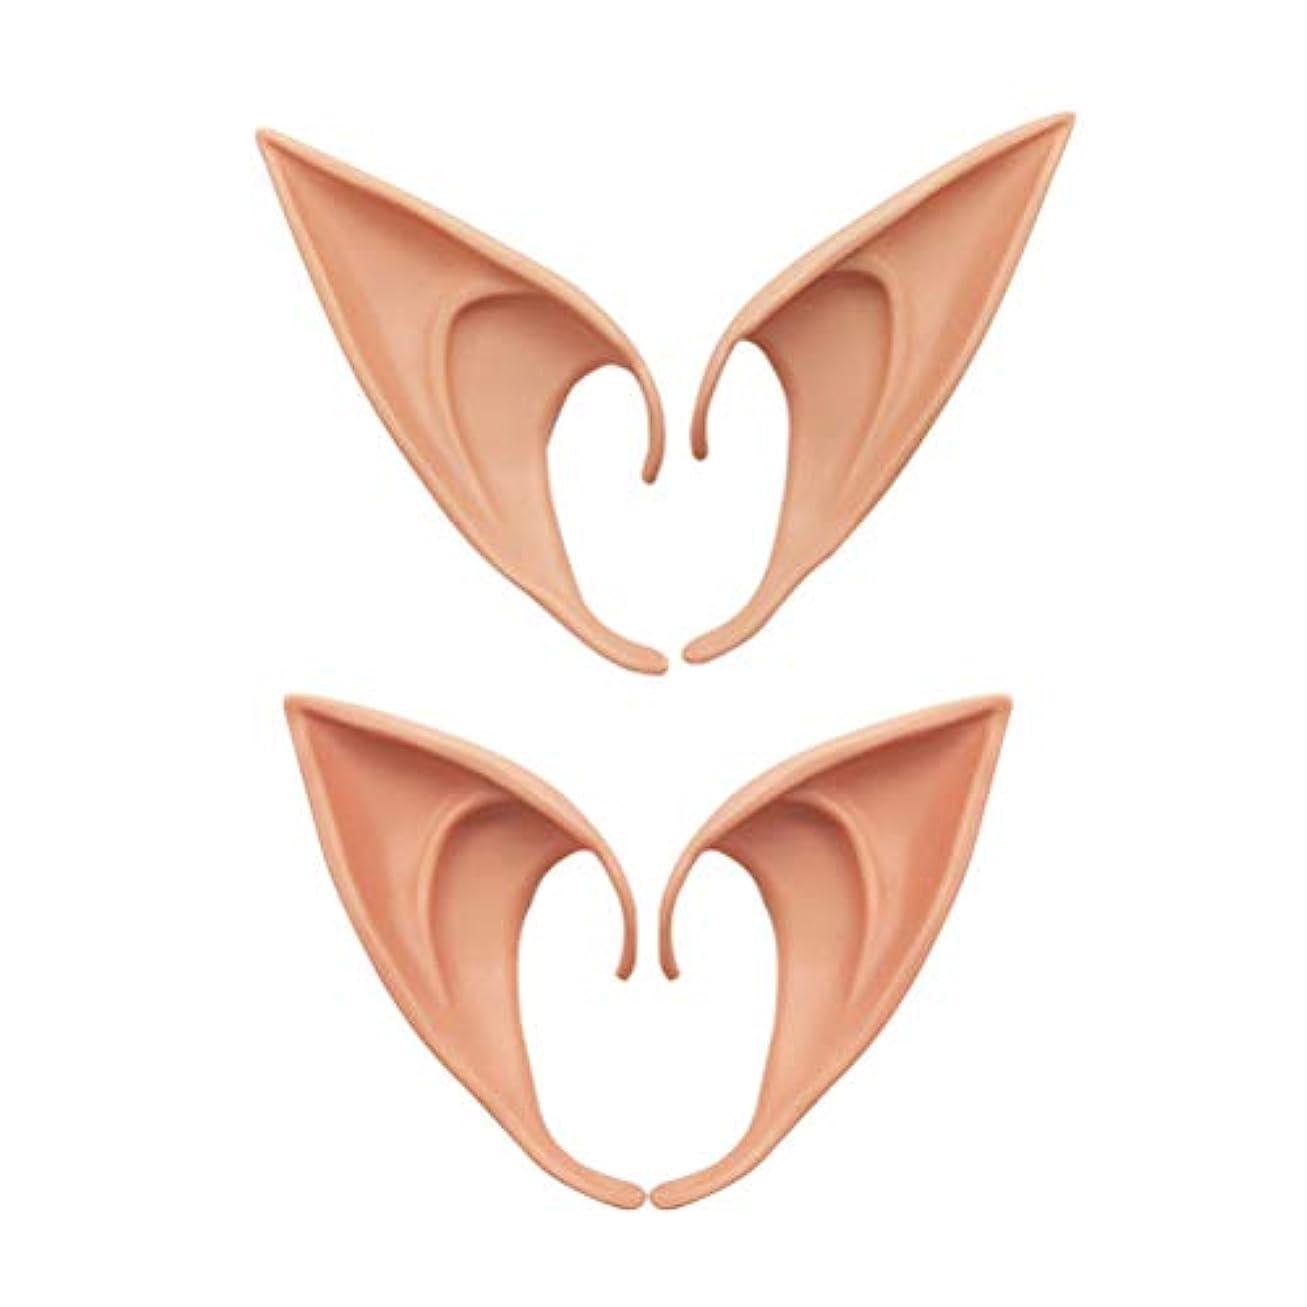 実行する郵便物ぶどうToyvian エルフ耳コスプレイースターカーニバルパーティーエルフコスチューム補綴耳偽のヒント耳写真小道具4ピース